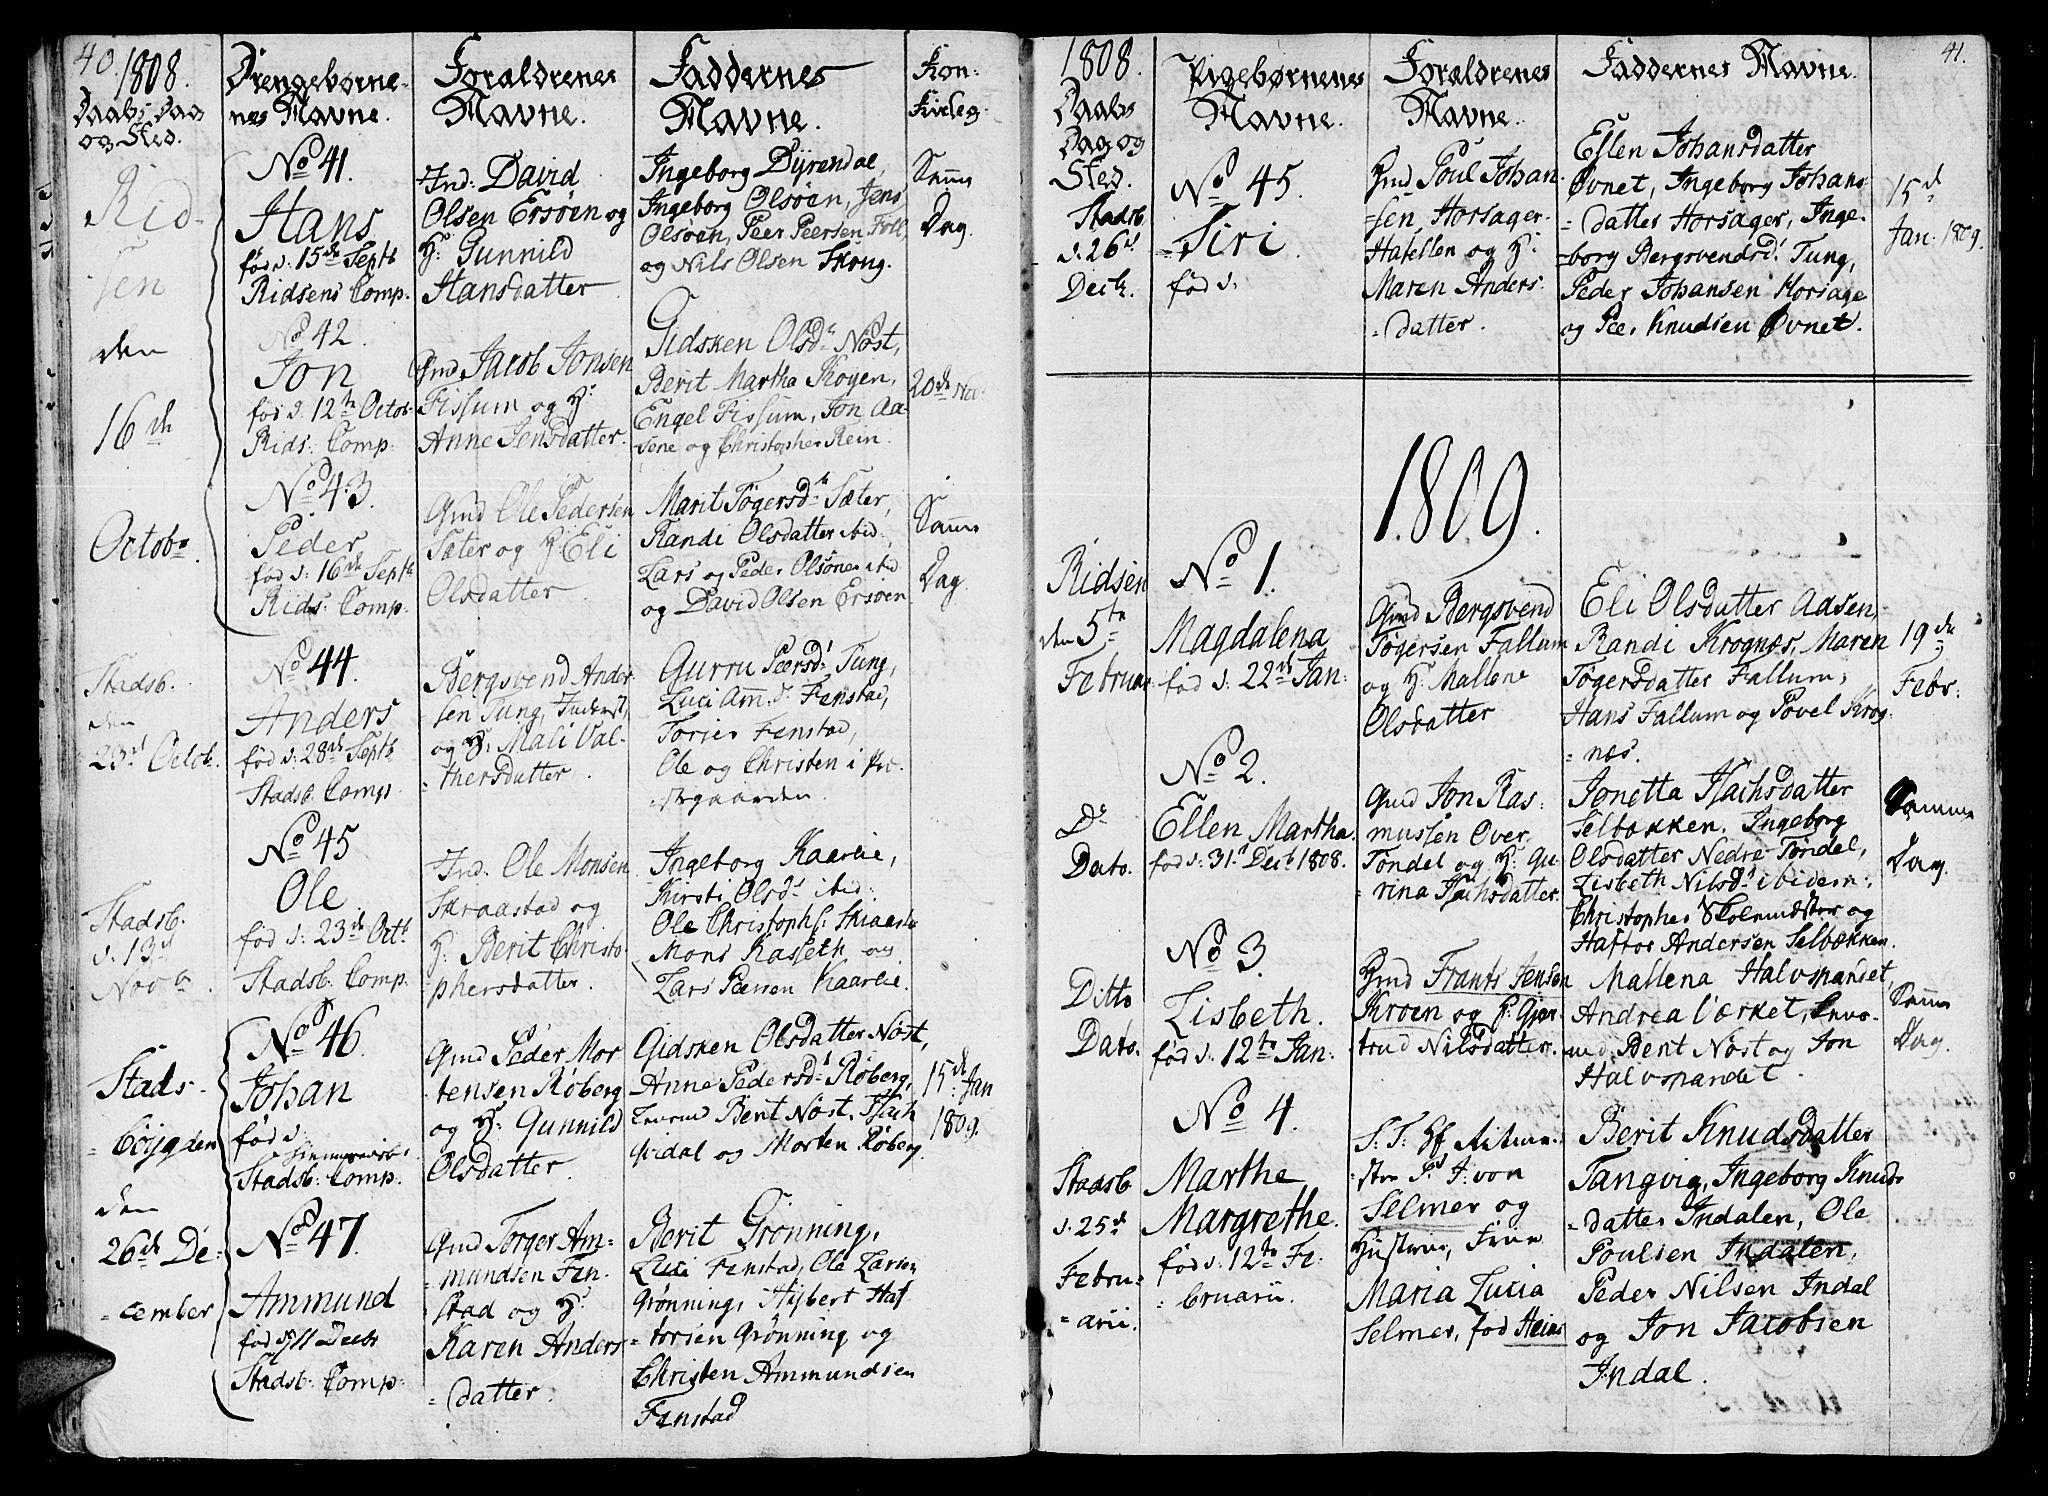 SAT, Ministerialprotokoller, klokkerbøker og fødselsregistre - Sør-Trøndelag, 646/L0607: Ministerialbok nr. 646A05, 1806-1815, s. 40-41